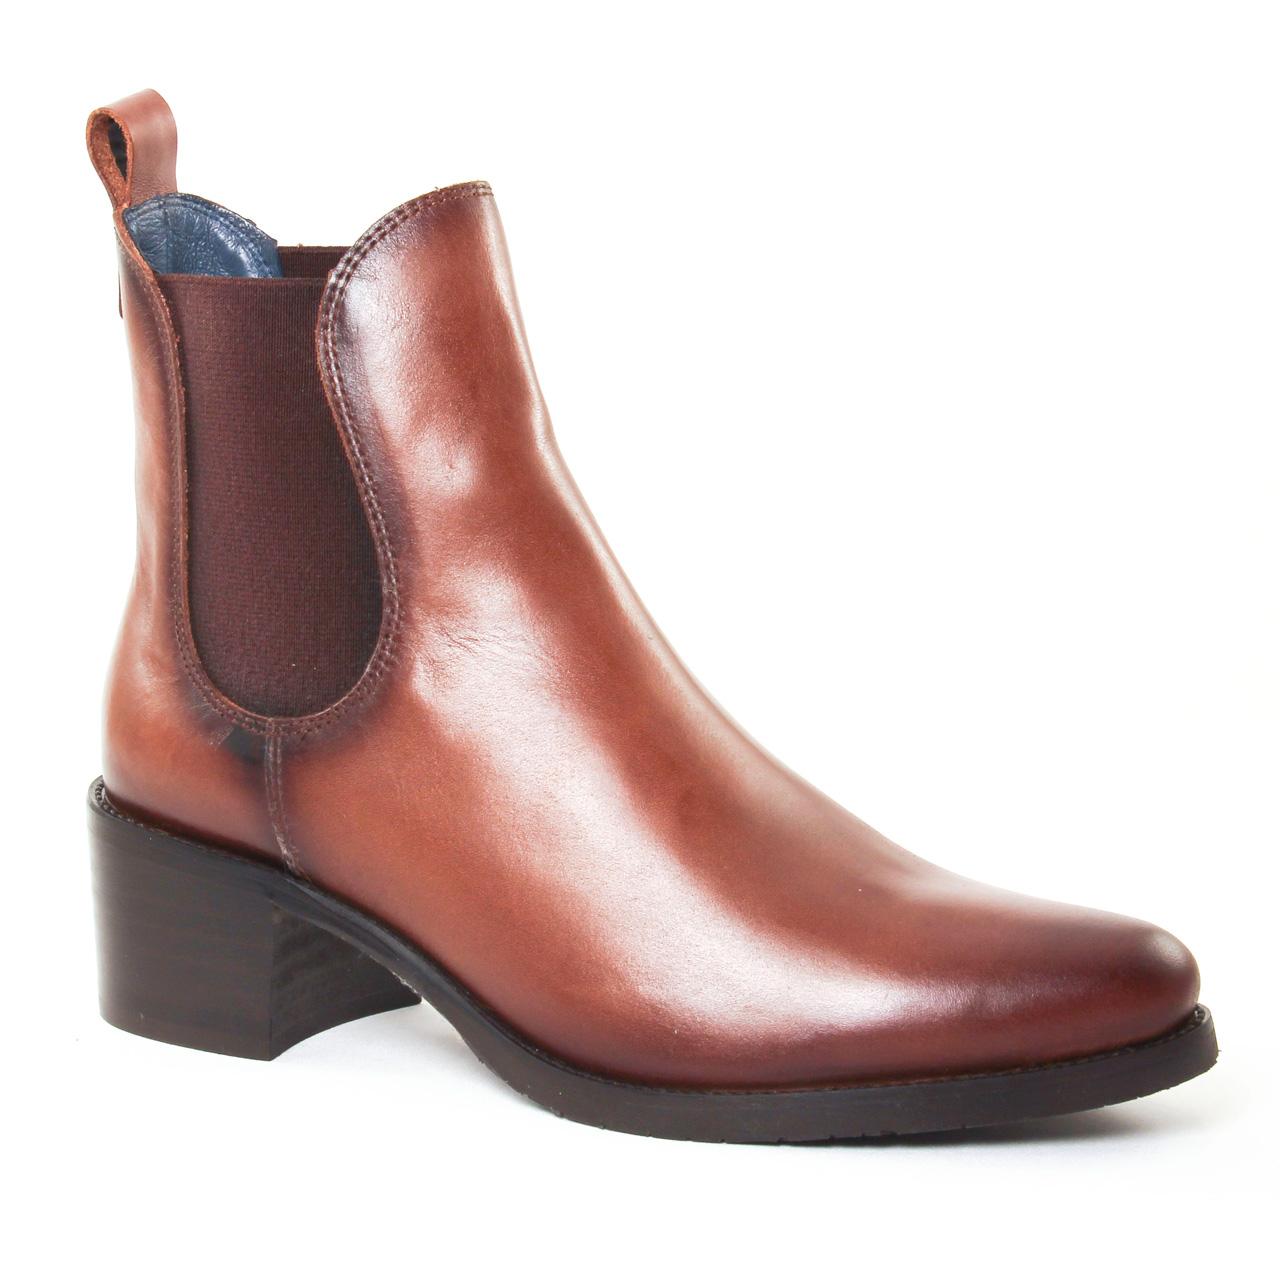 Pintodiblu 79260 Cognac | boot élastiquées marron automne